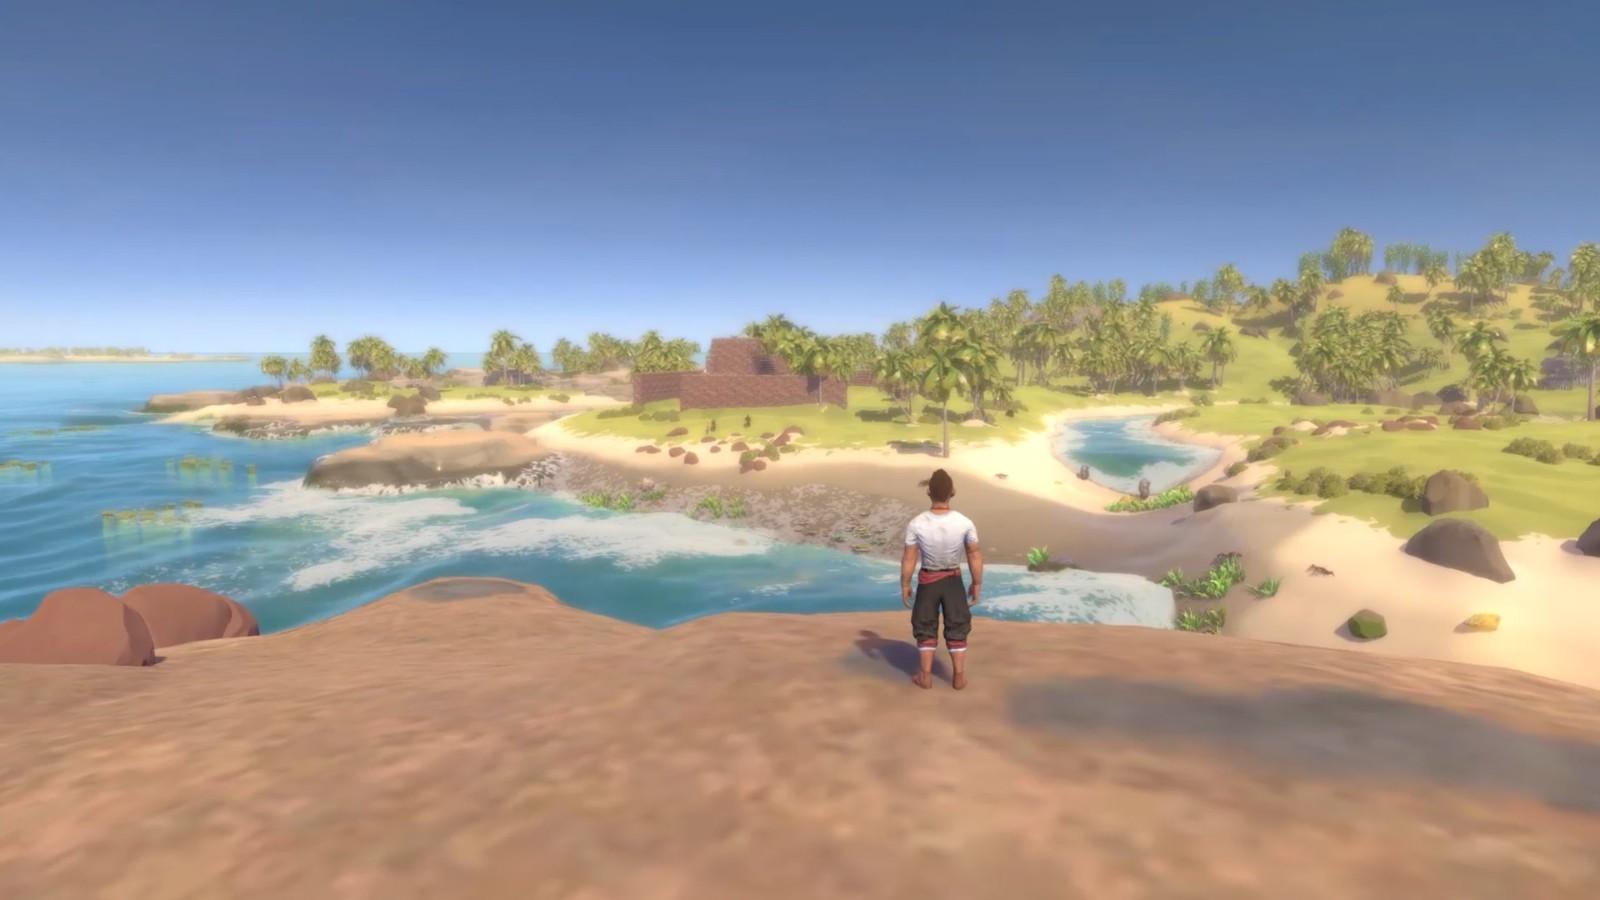 海洋探索生存游戏《Breakwaters》发布最新实机演示